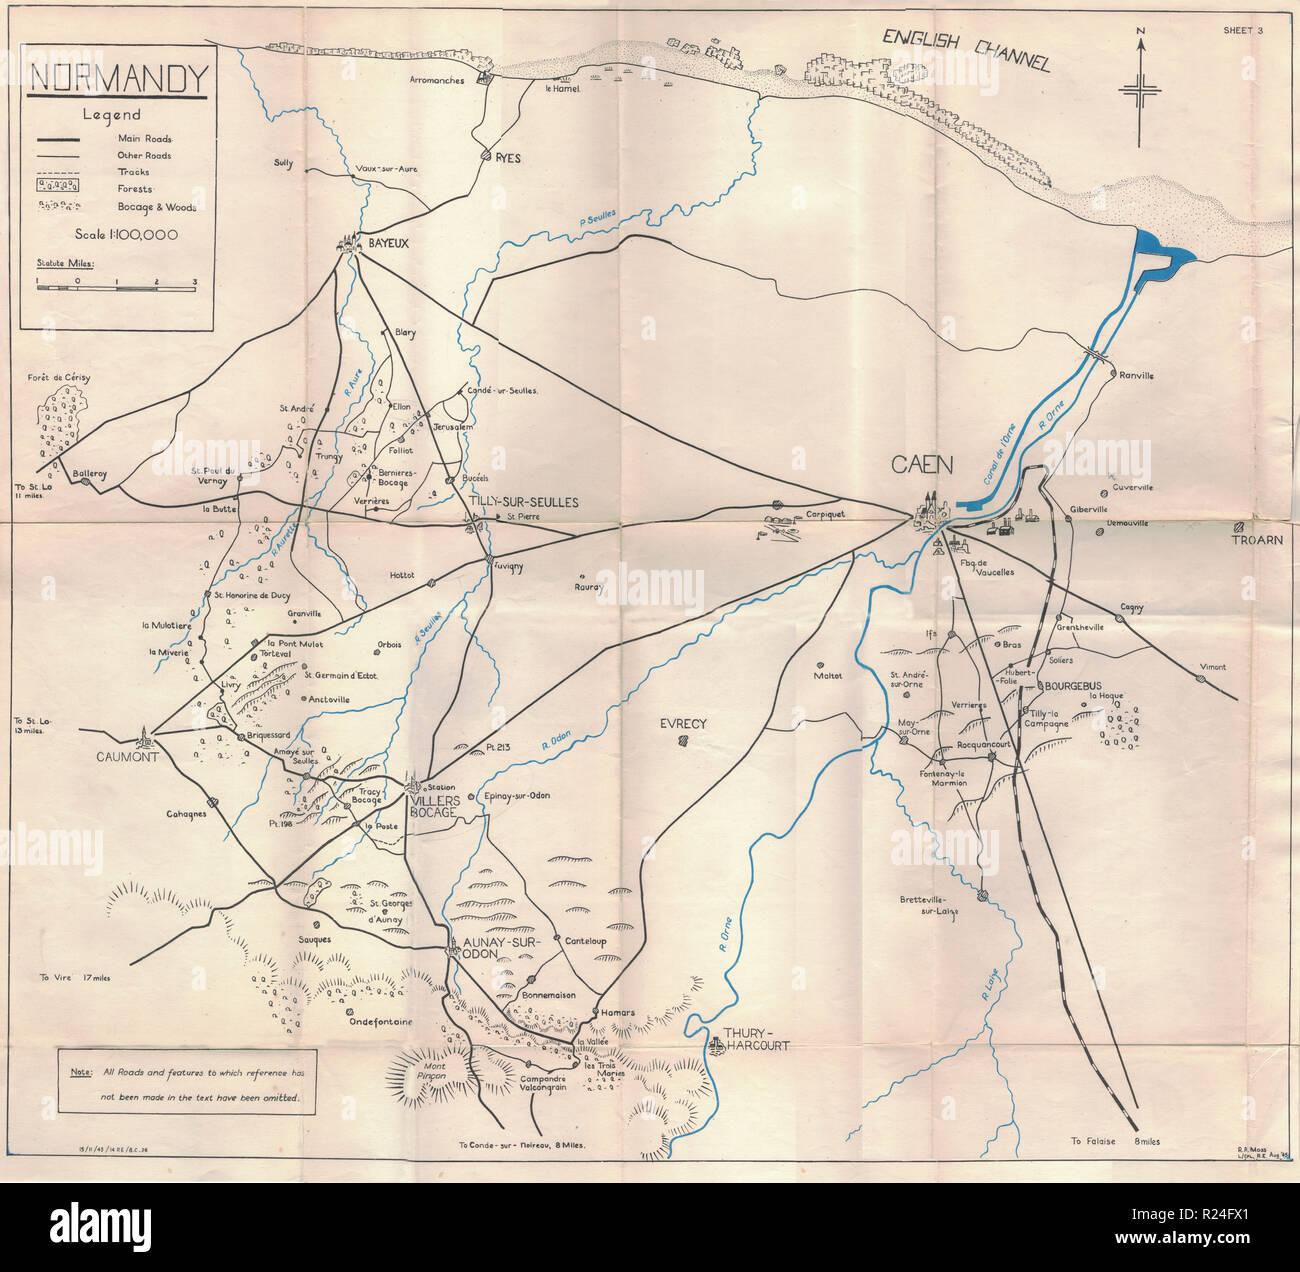 Guerra Mondiale 2 Campagna europea mappe 1945, Normandia Immagini Stock